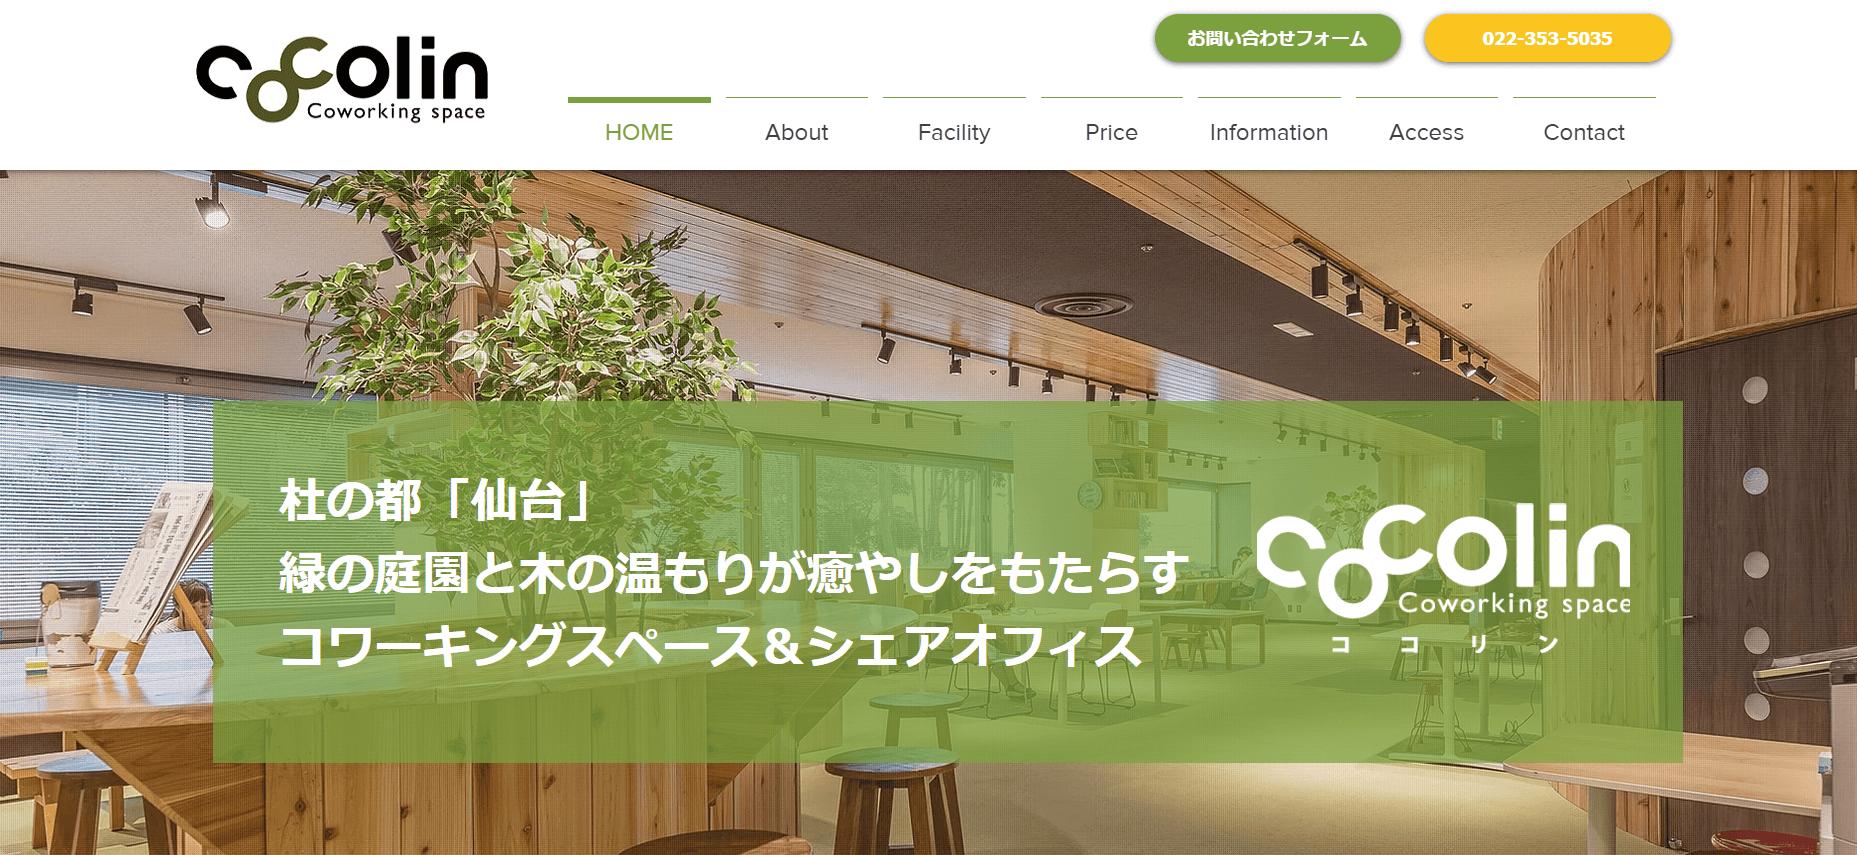 仙台市若林区にある人気・おすすめの格安コワーキングスペースcocolin